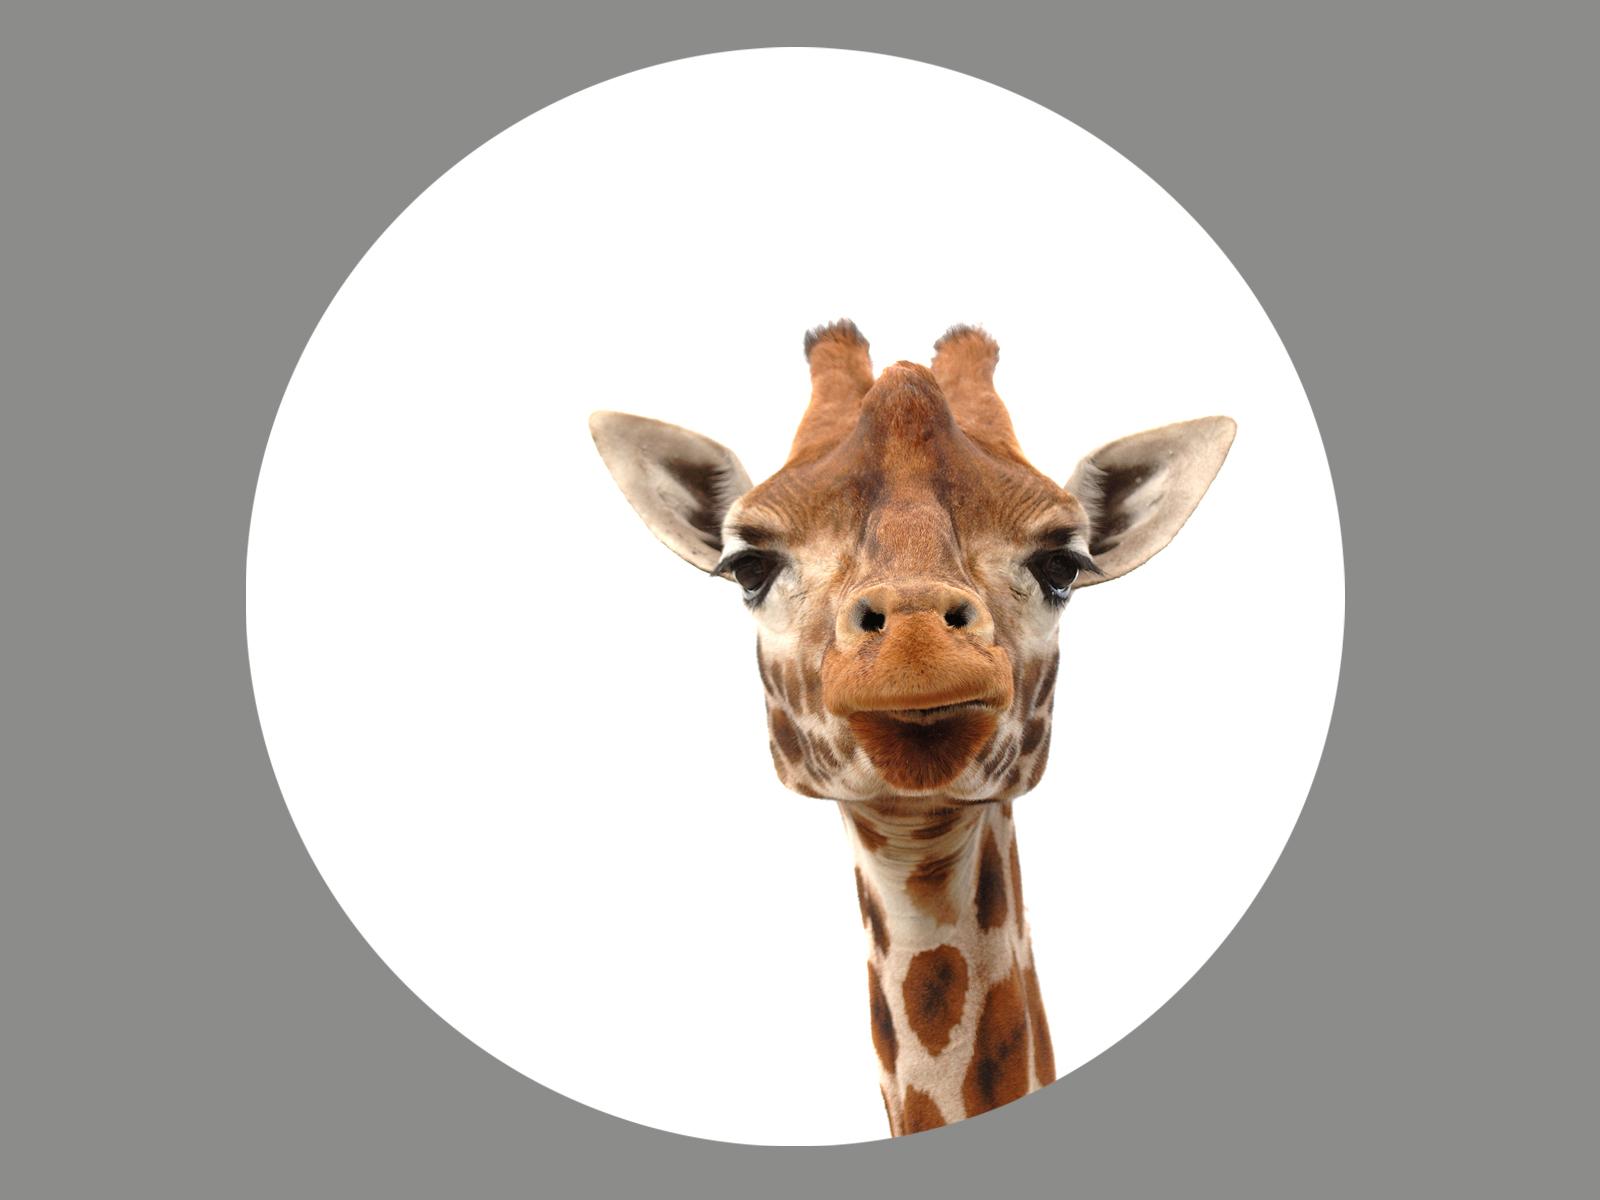 Blendermotiv Giraffe